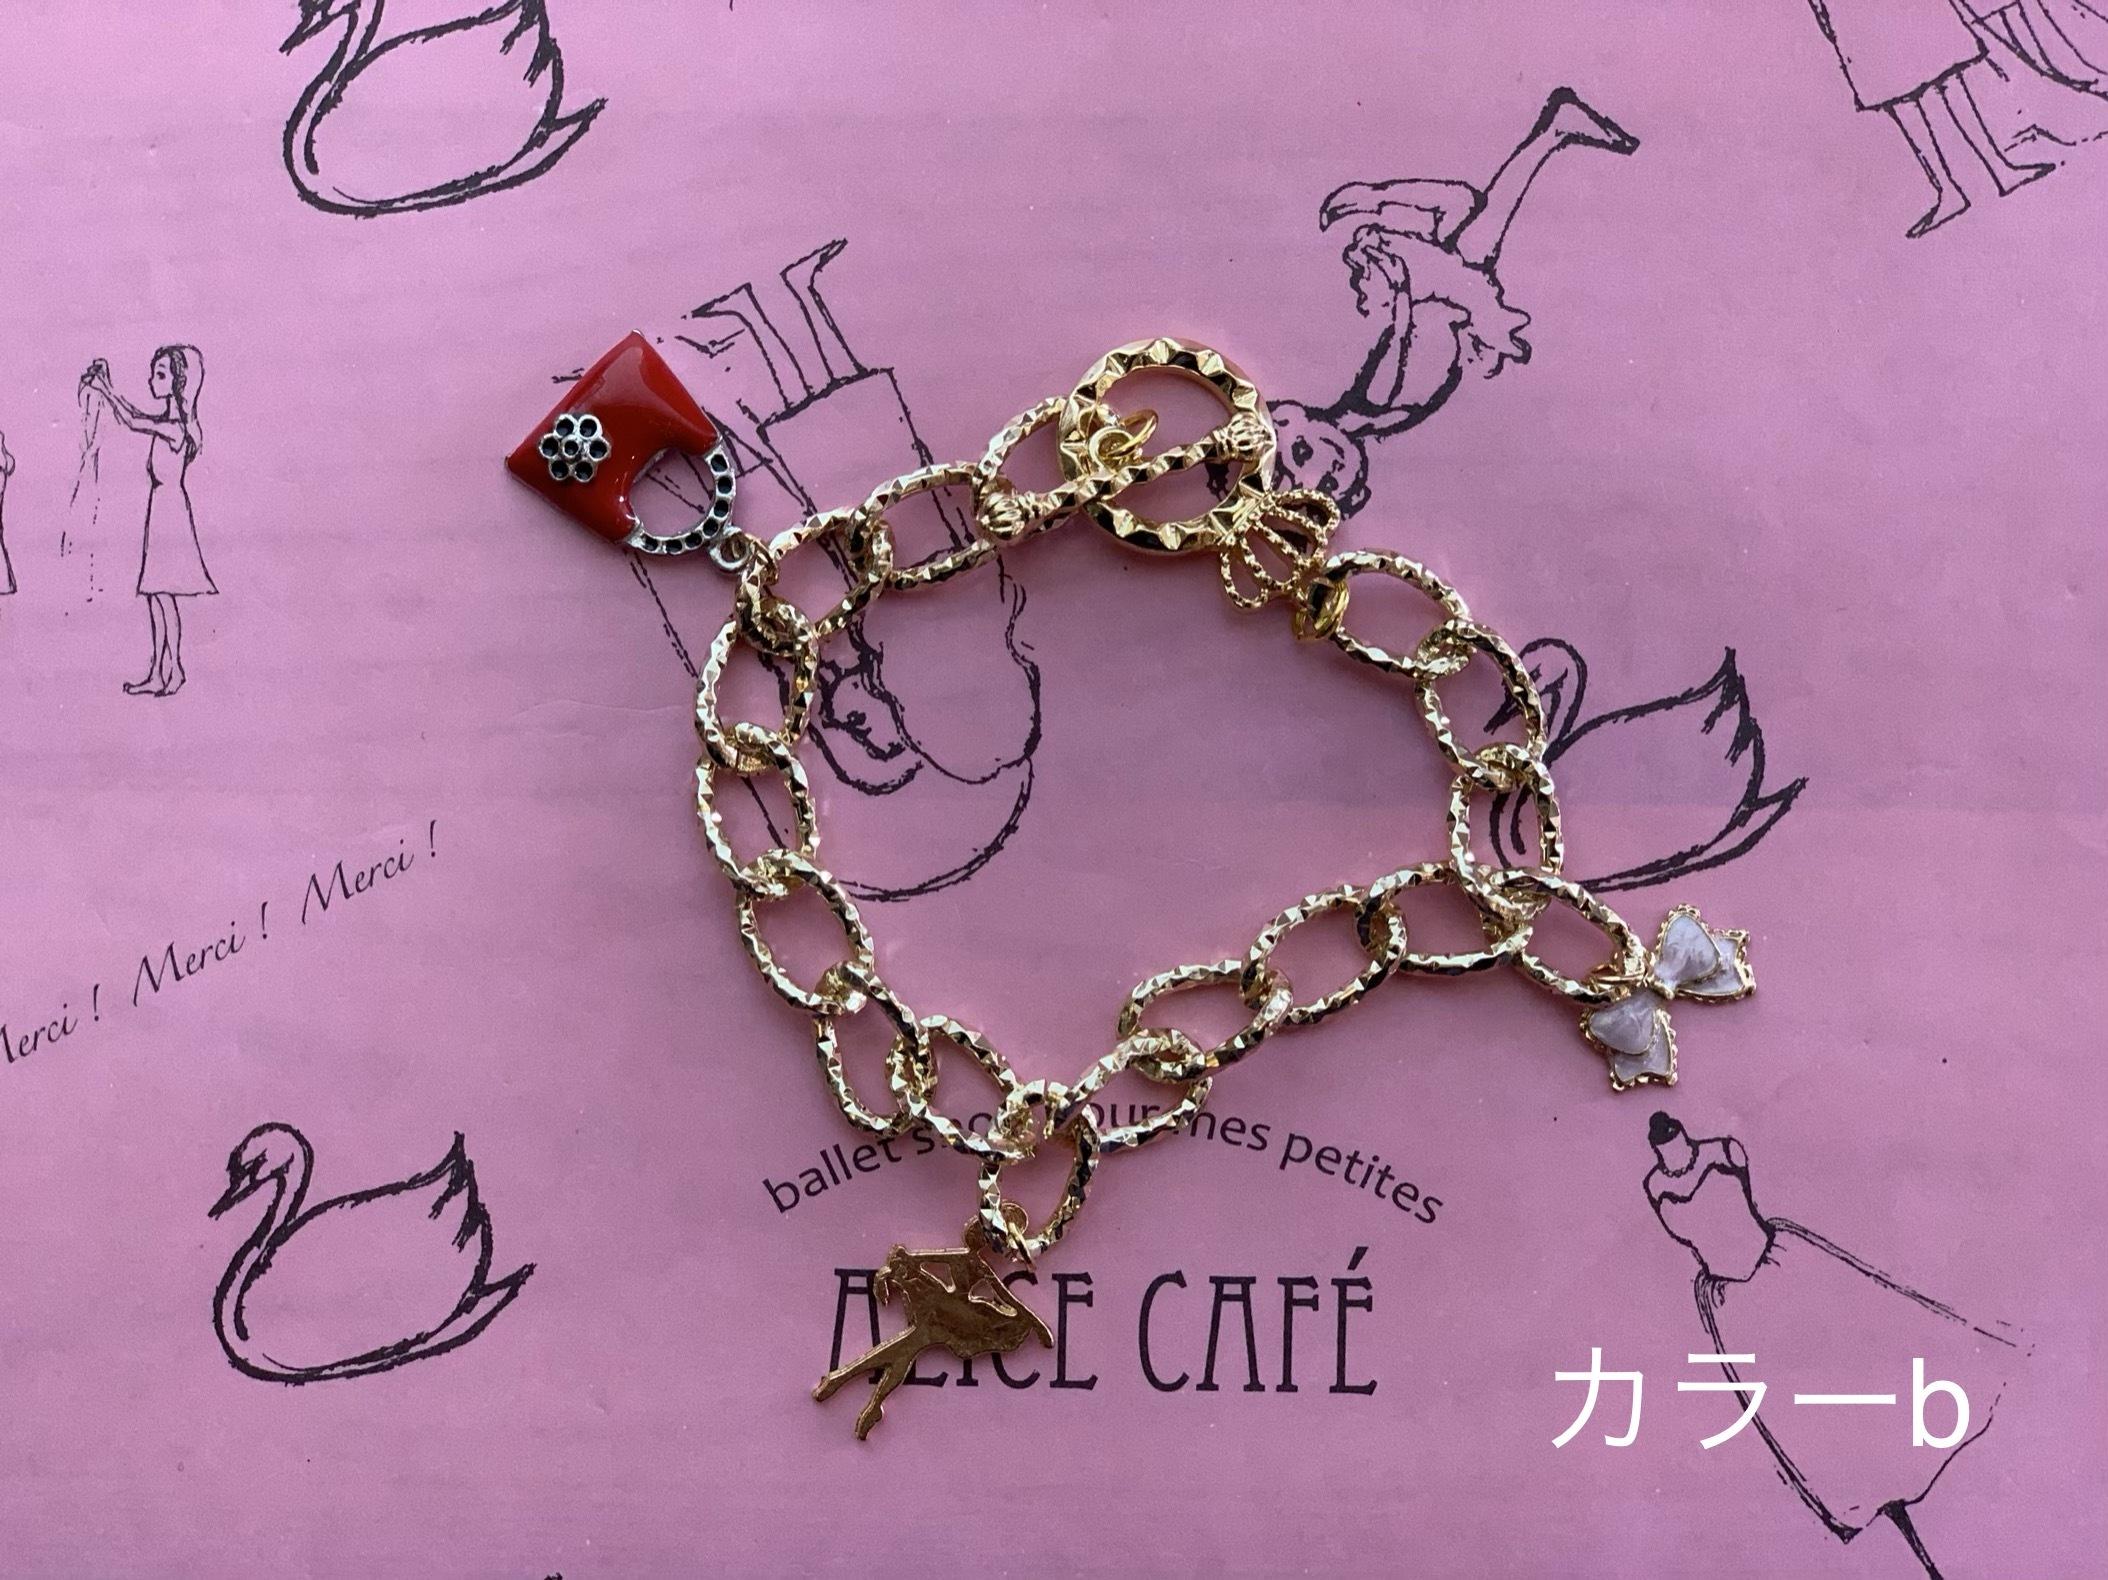 ALICE CAFE' バッグチャームツイストチェーン